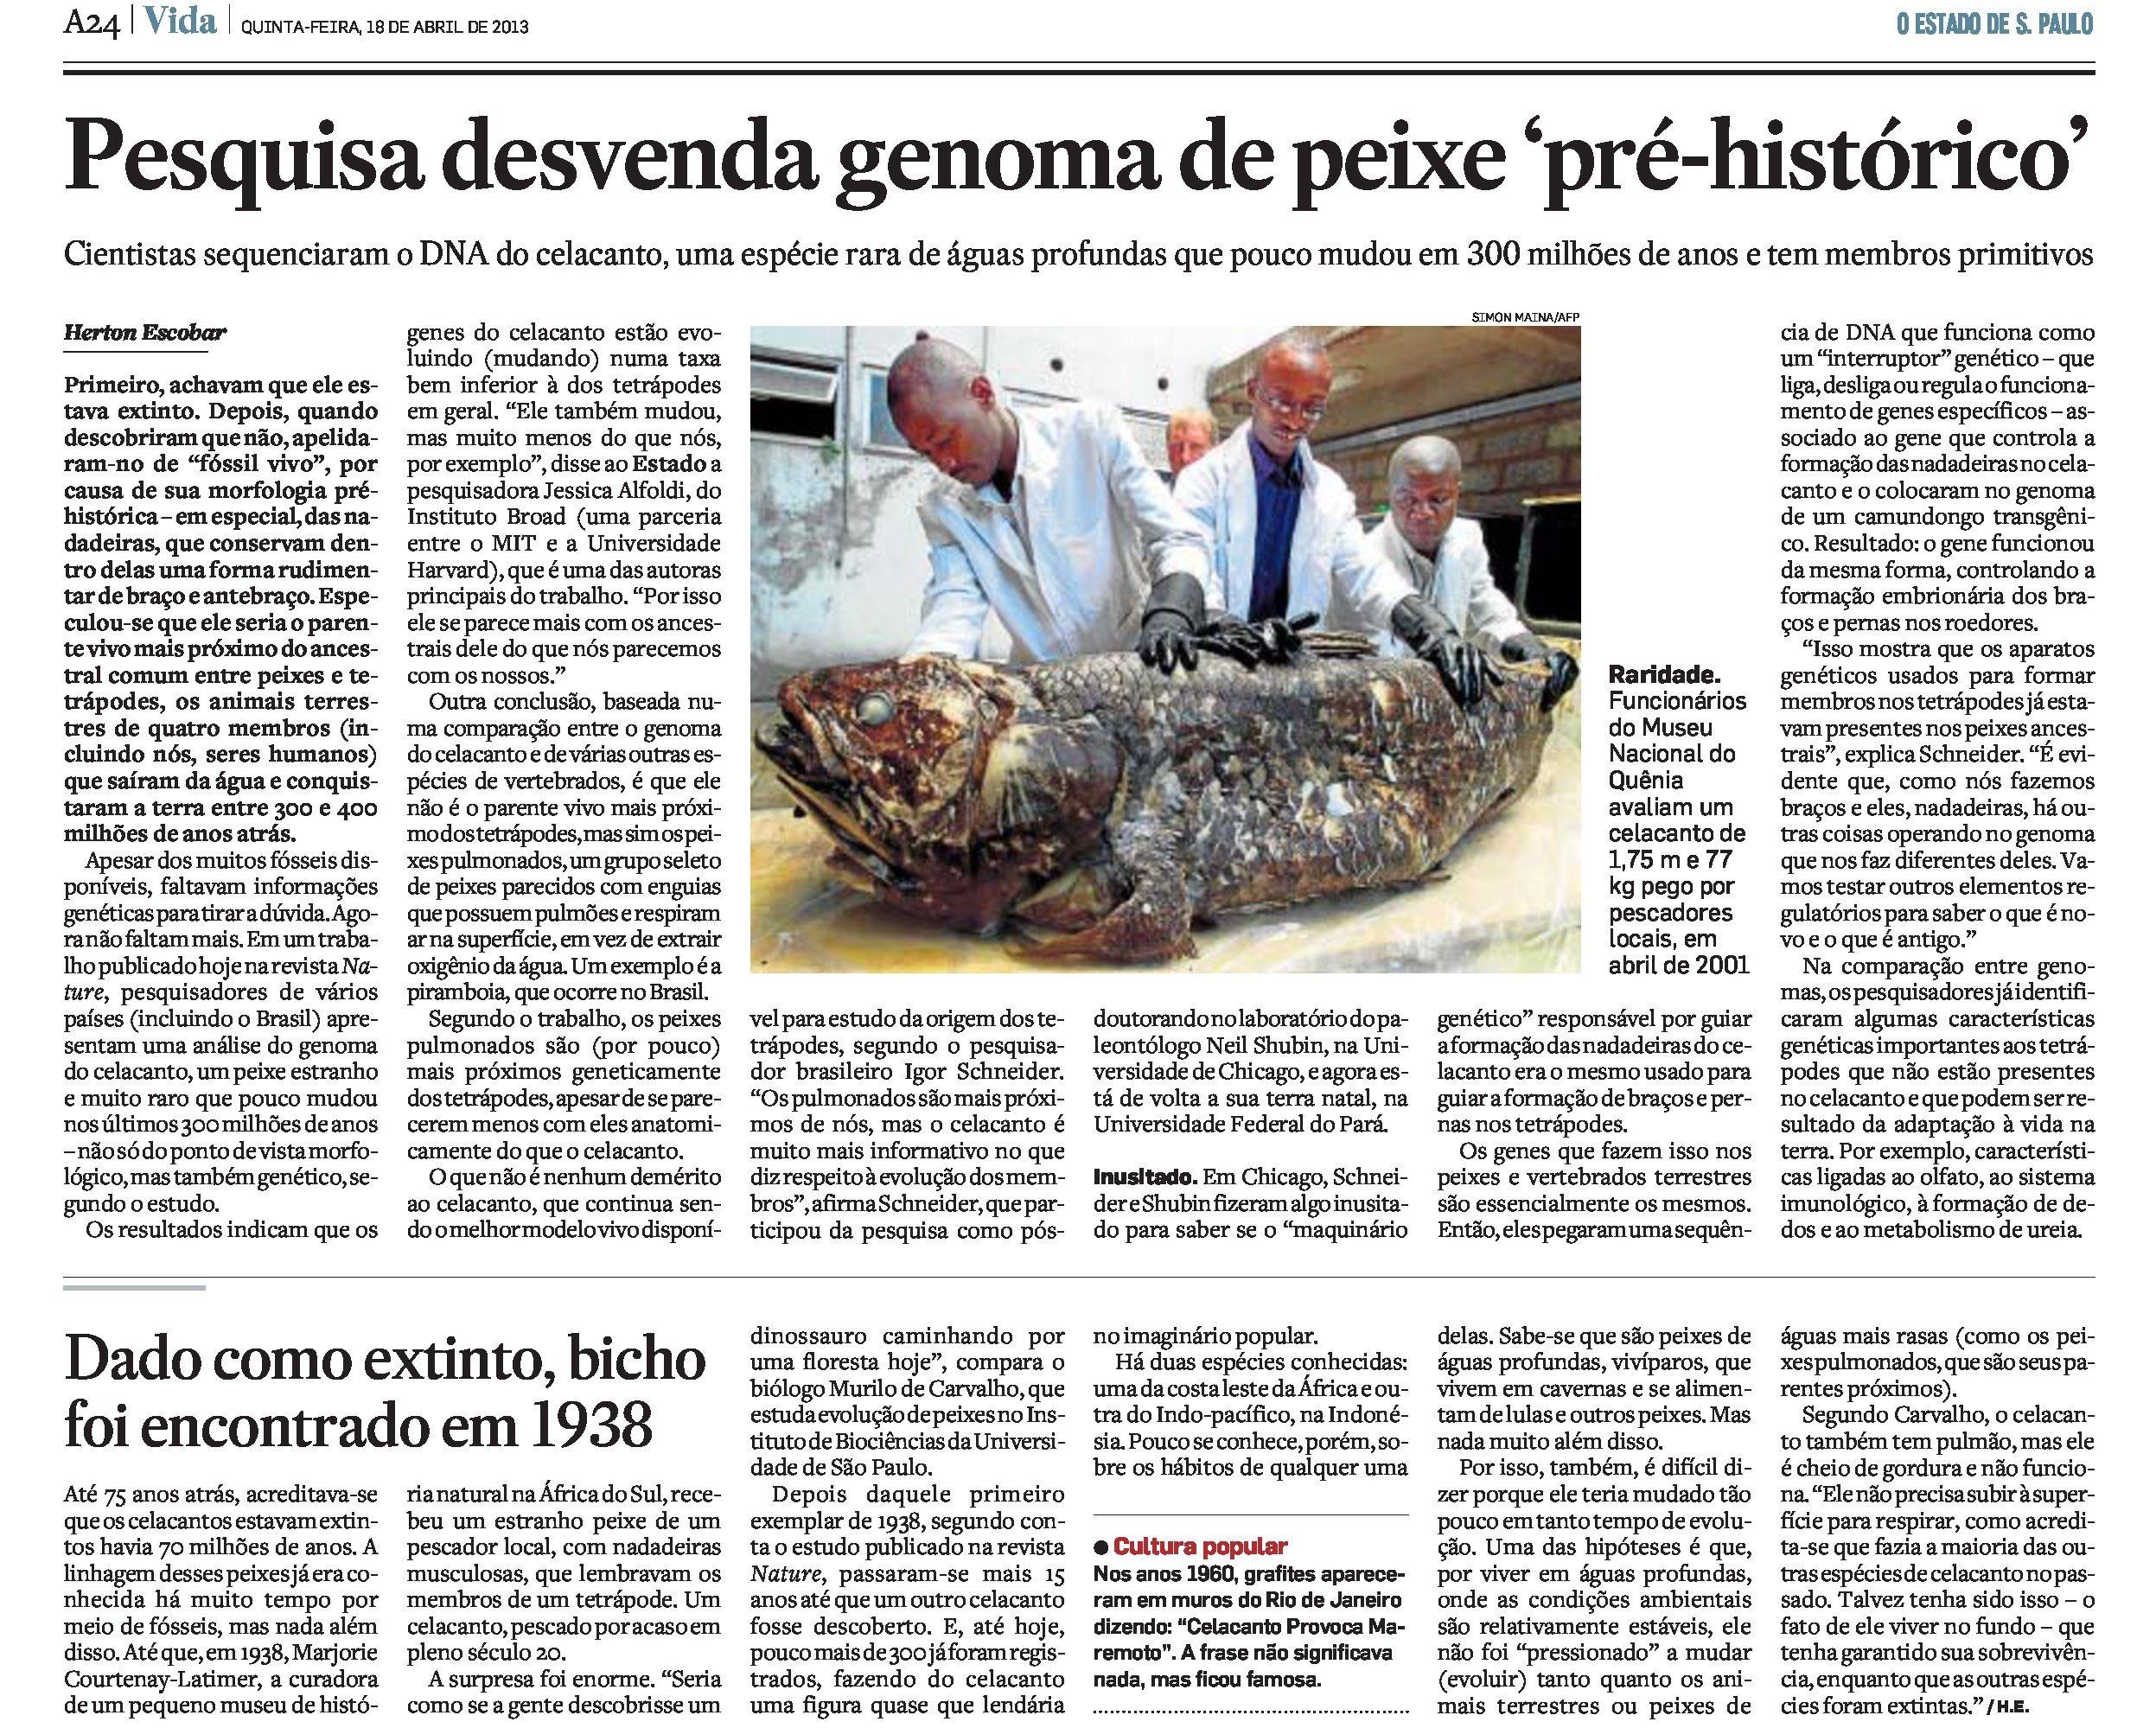 Pesquisa desvenda genoma do celacanto, peixe pré-histórico